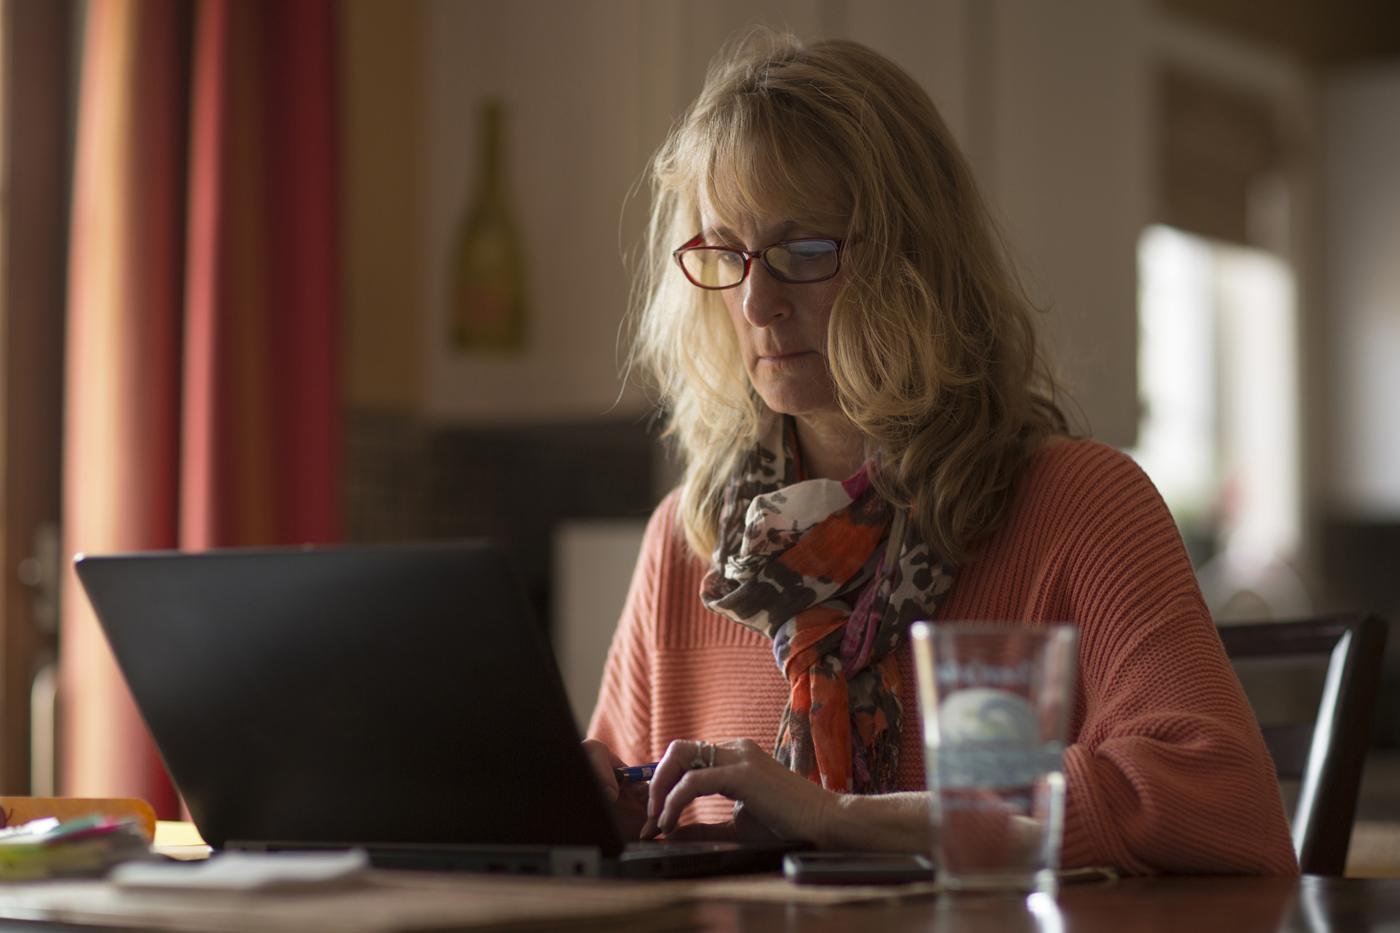 Faith works on her laptop.